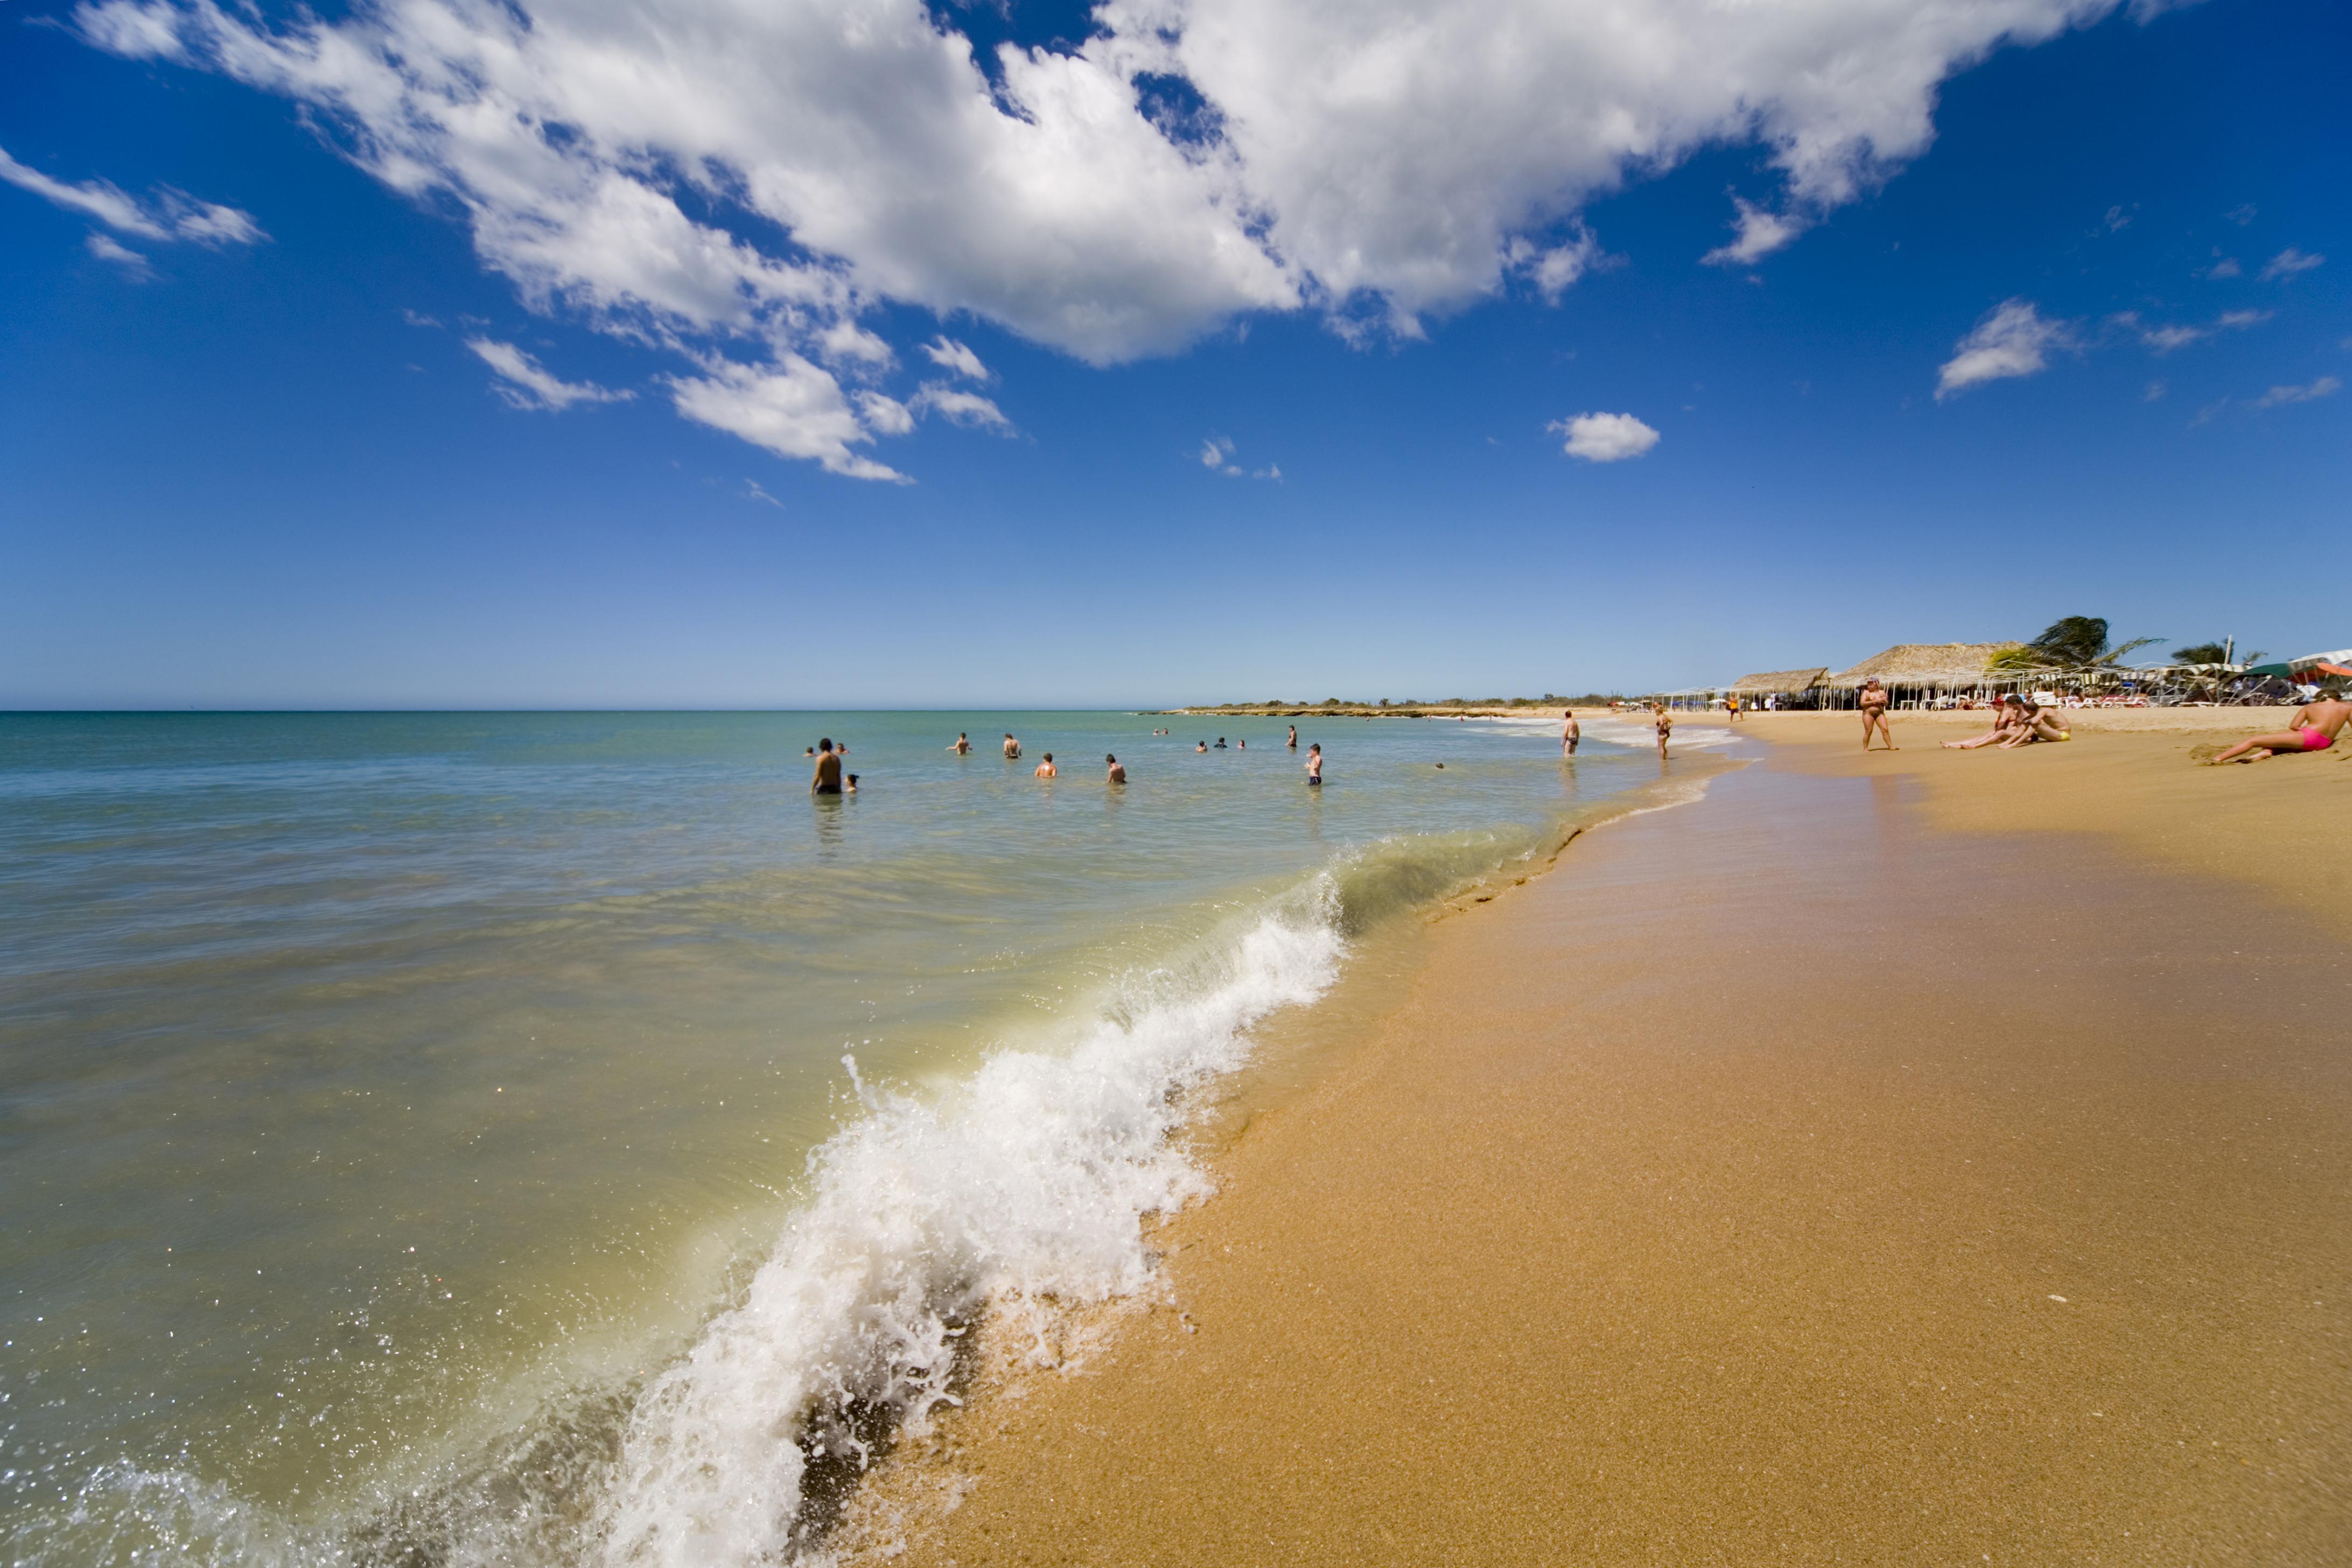 Beach on Margarita Island, Venezeula